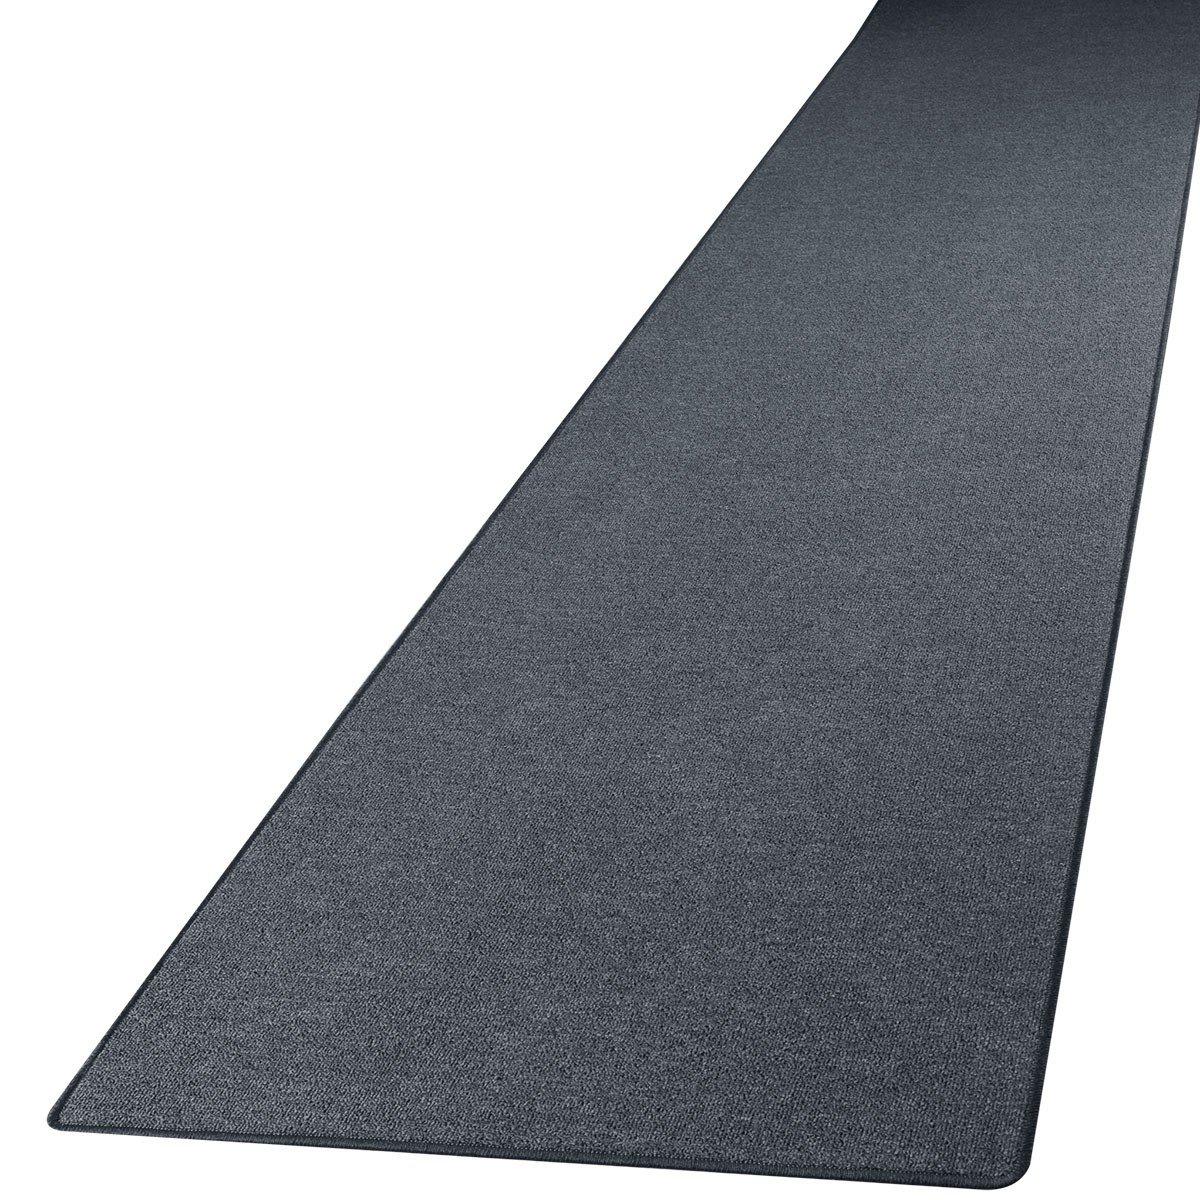 Läufer teppich  Schlingen Teppich Läufer Torronto Anthrazit nach Maß ...